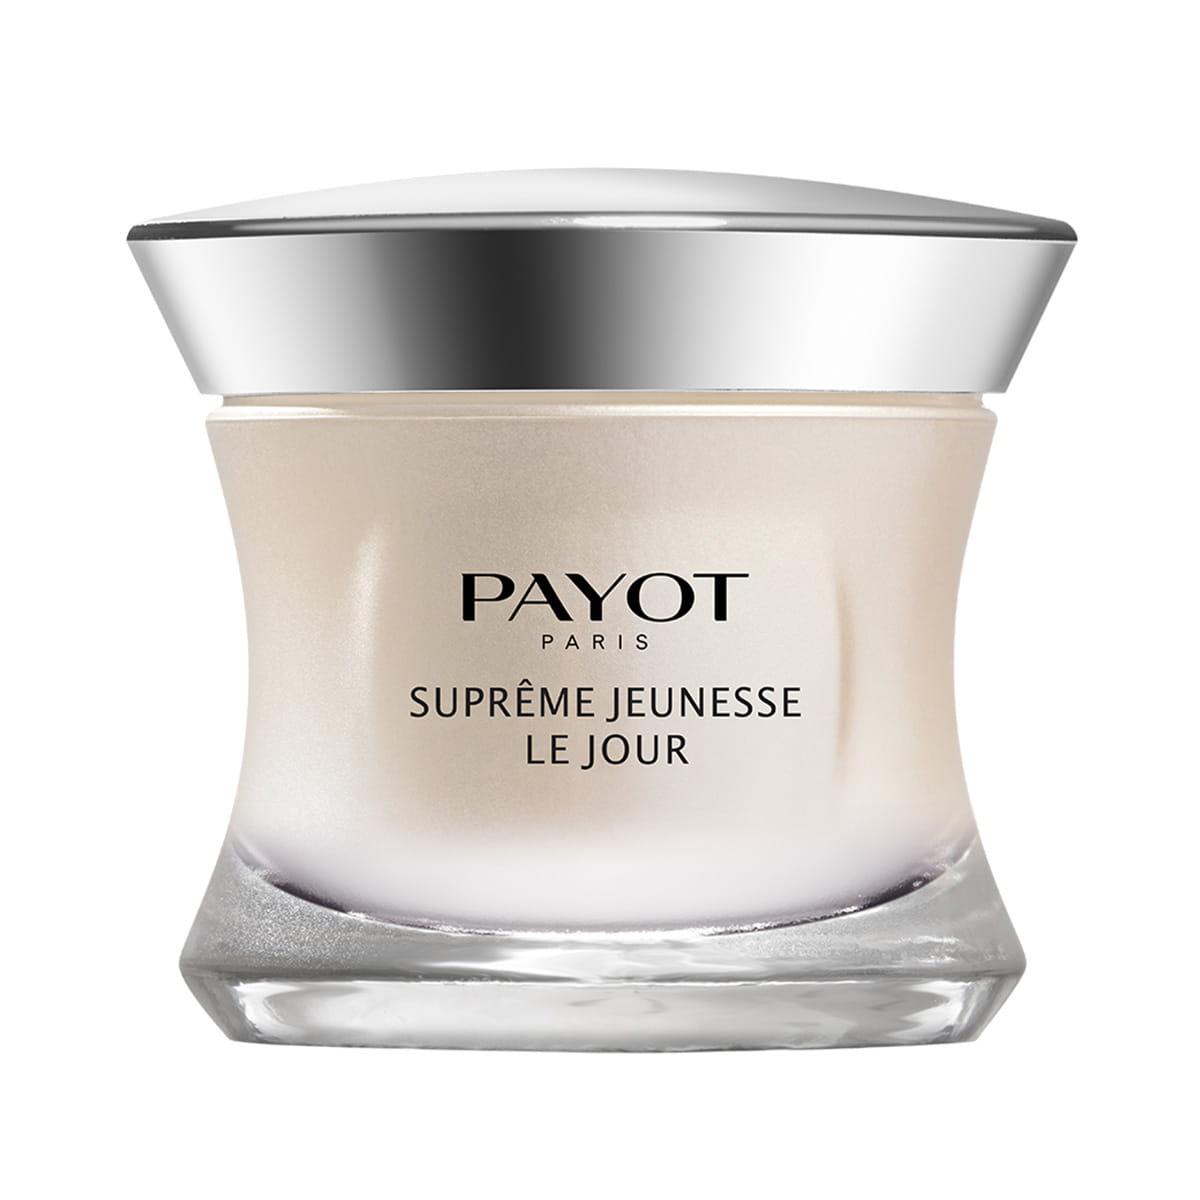 Payot - Suprême Jeunesse Jour - Soin sublimateur de jeunesse